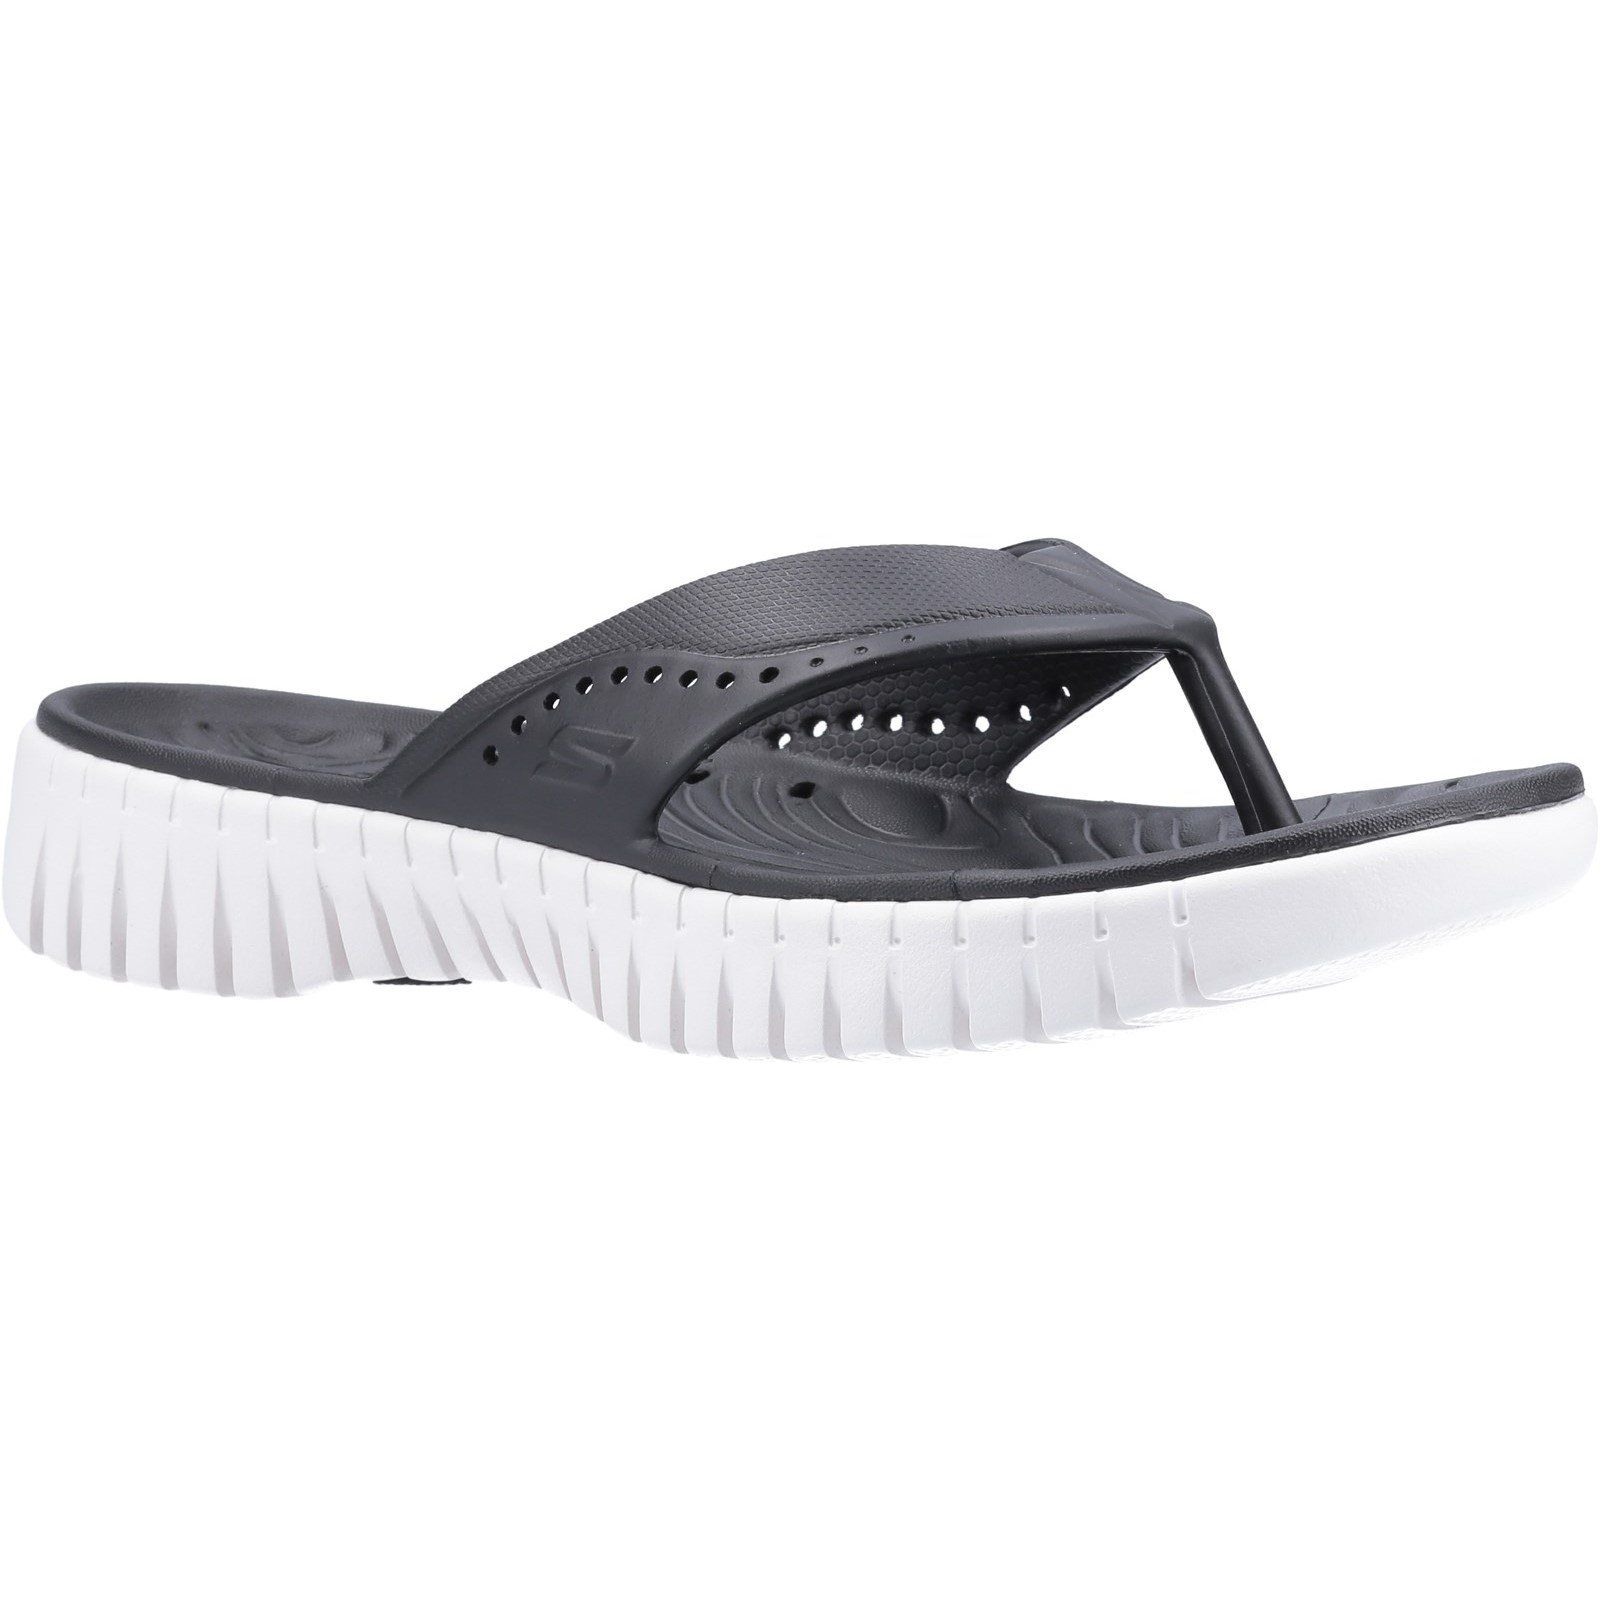 Skechers Women's GOwalk Smart Mahalo Sandal Various Colours 32371 - Black/White 2